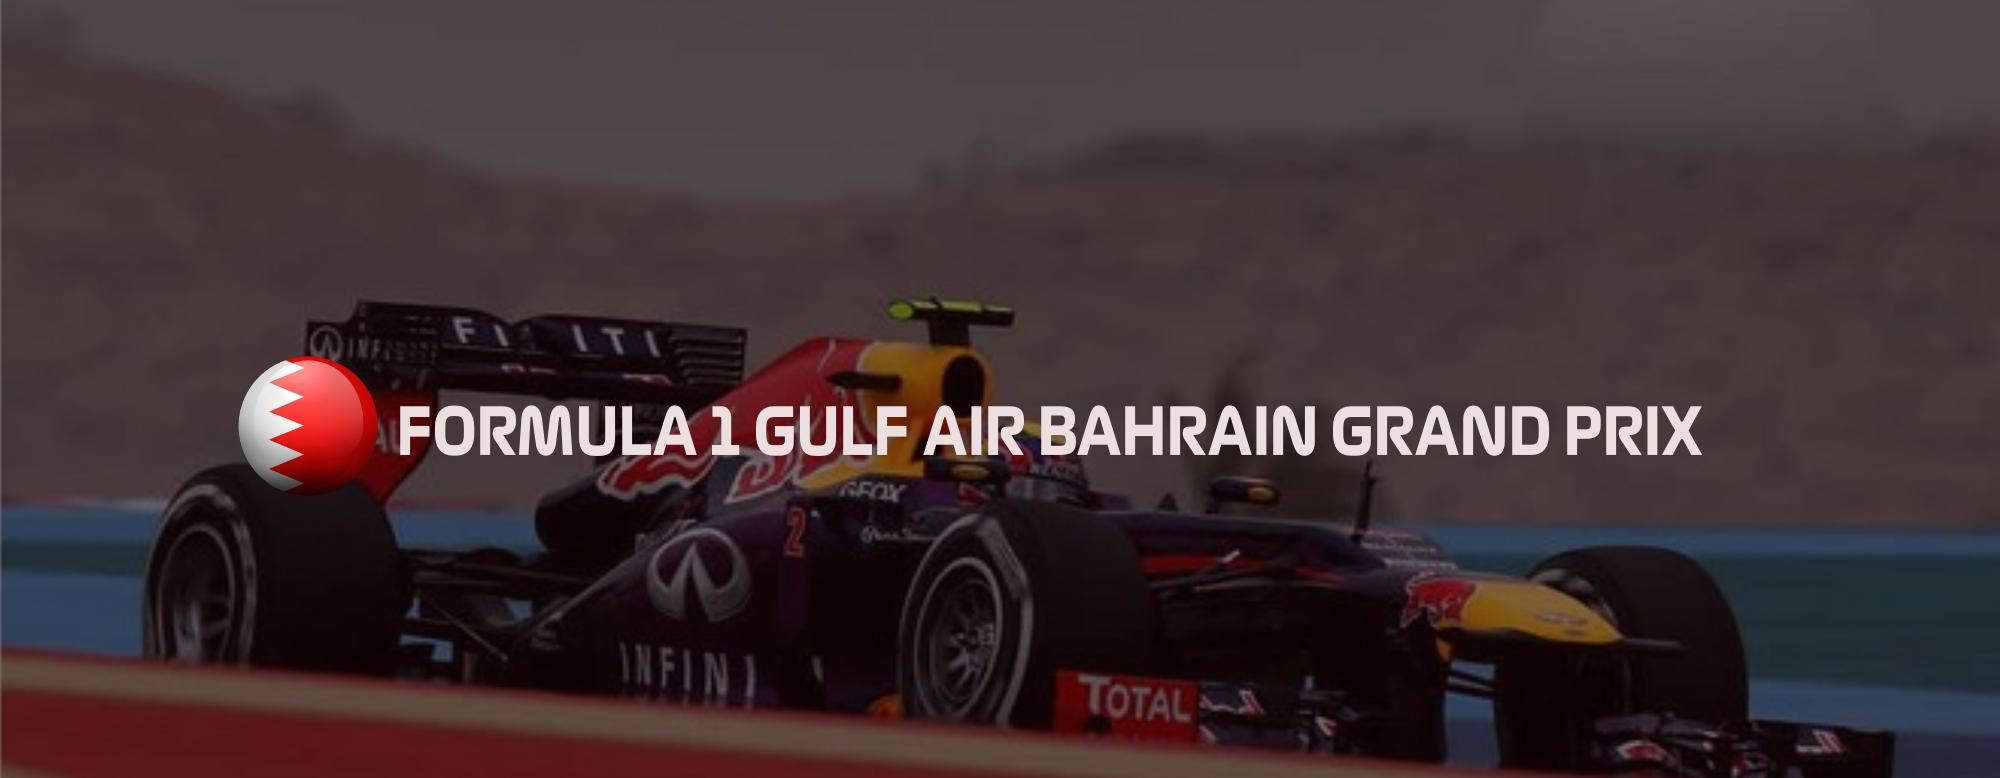 2020 Bahrain Grand Prix | Formula 1 Travel Packages Remarkable 2020 Formula 1 Calendar